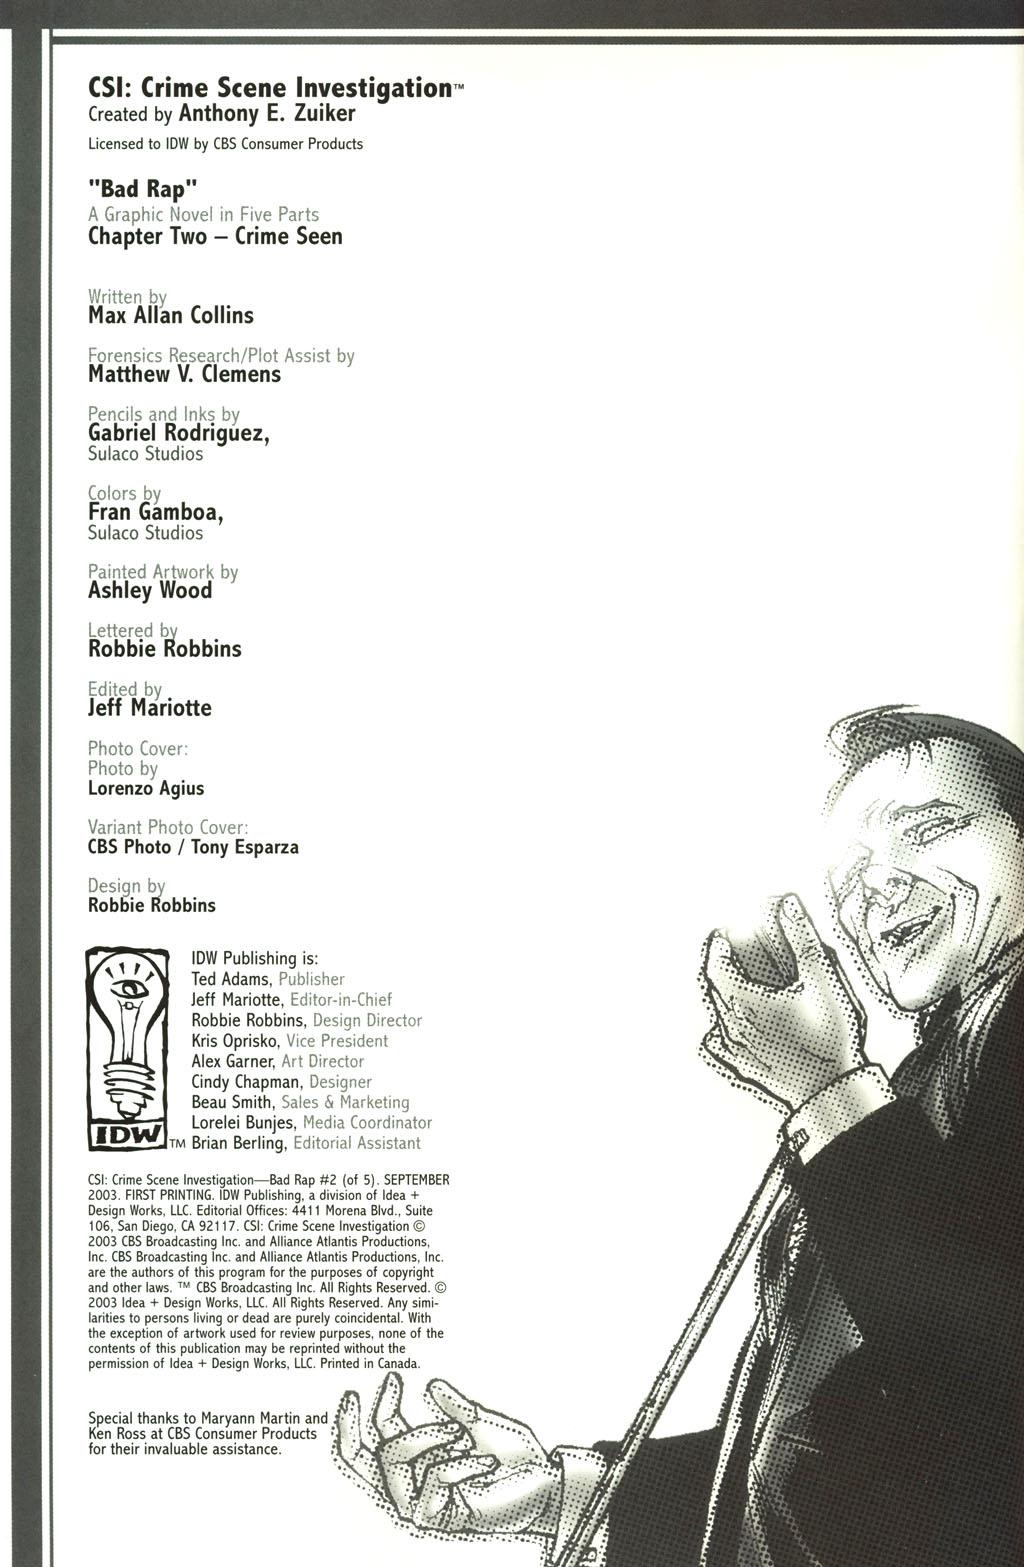 Read online CSI: Crime Scene Investigation: Bad Rap comic -  Issue #2 - 2